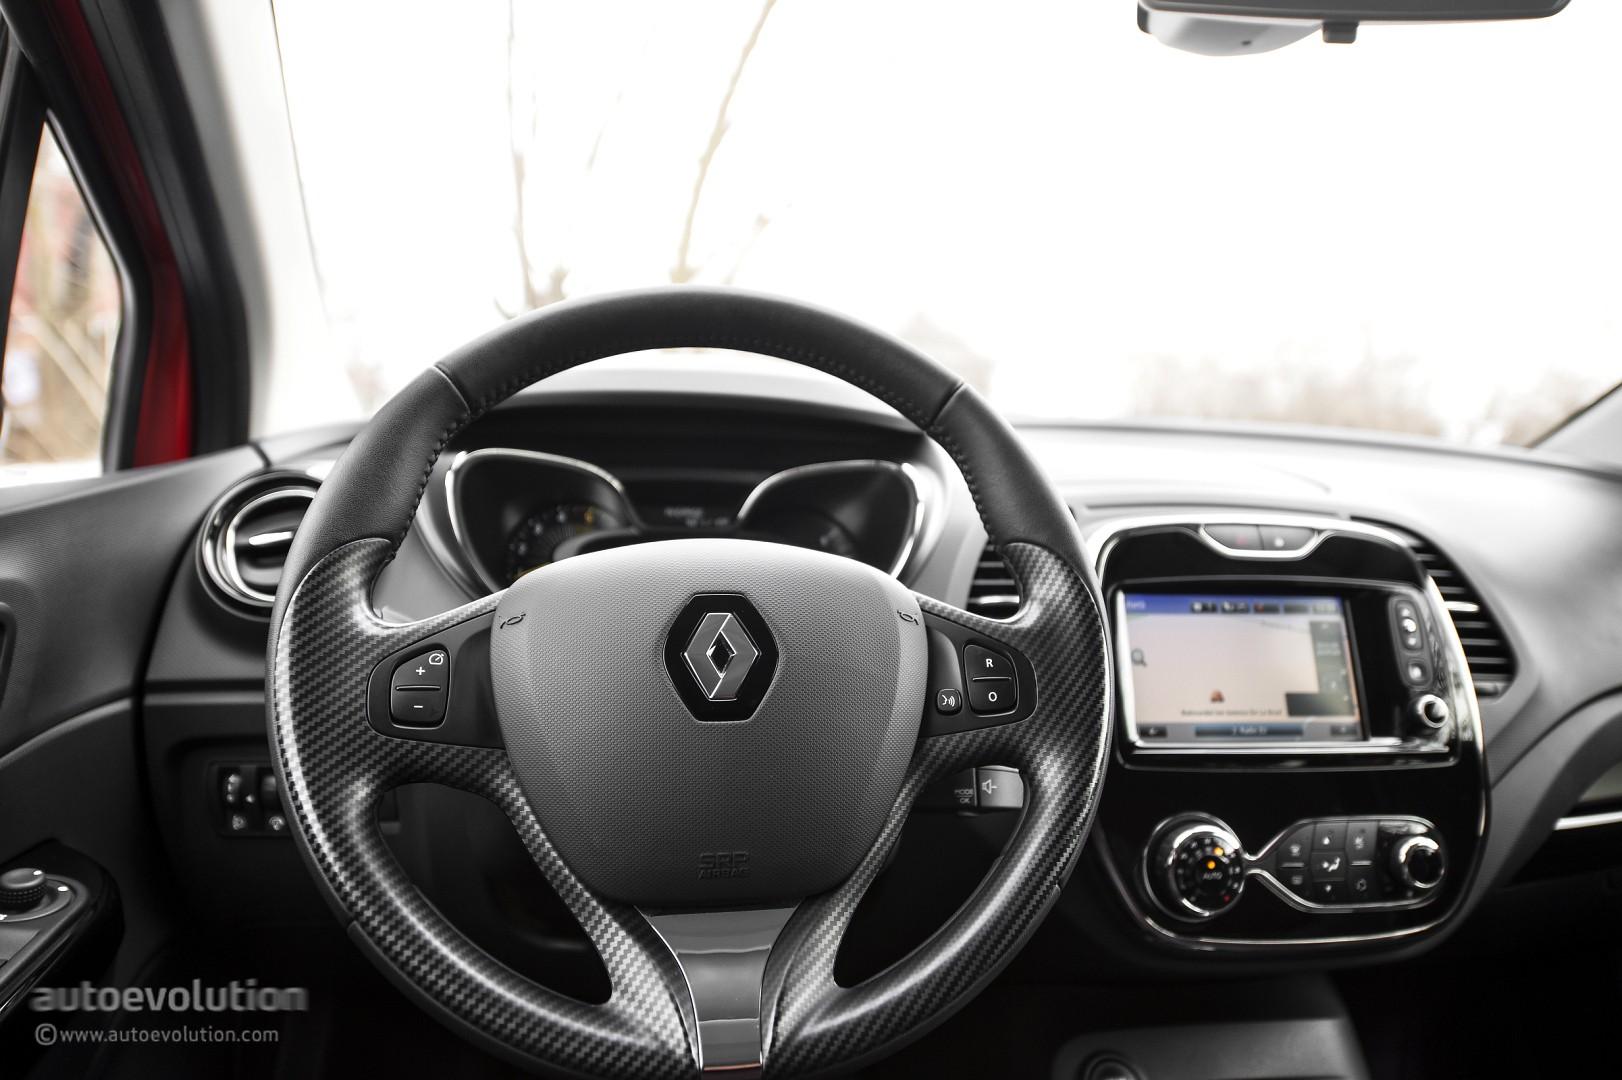 2015 Renault Captur Review - autoevolution